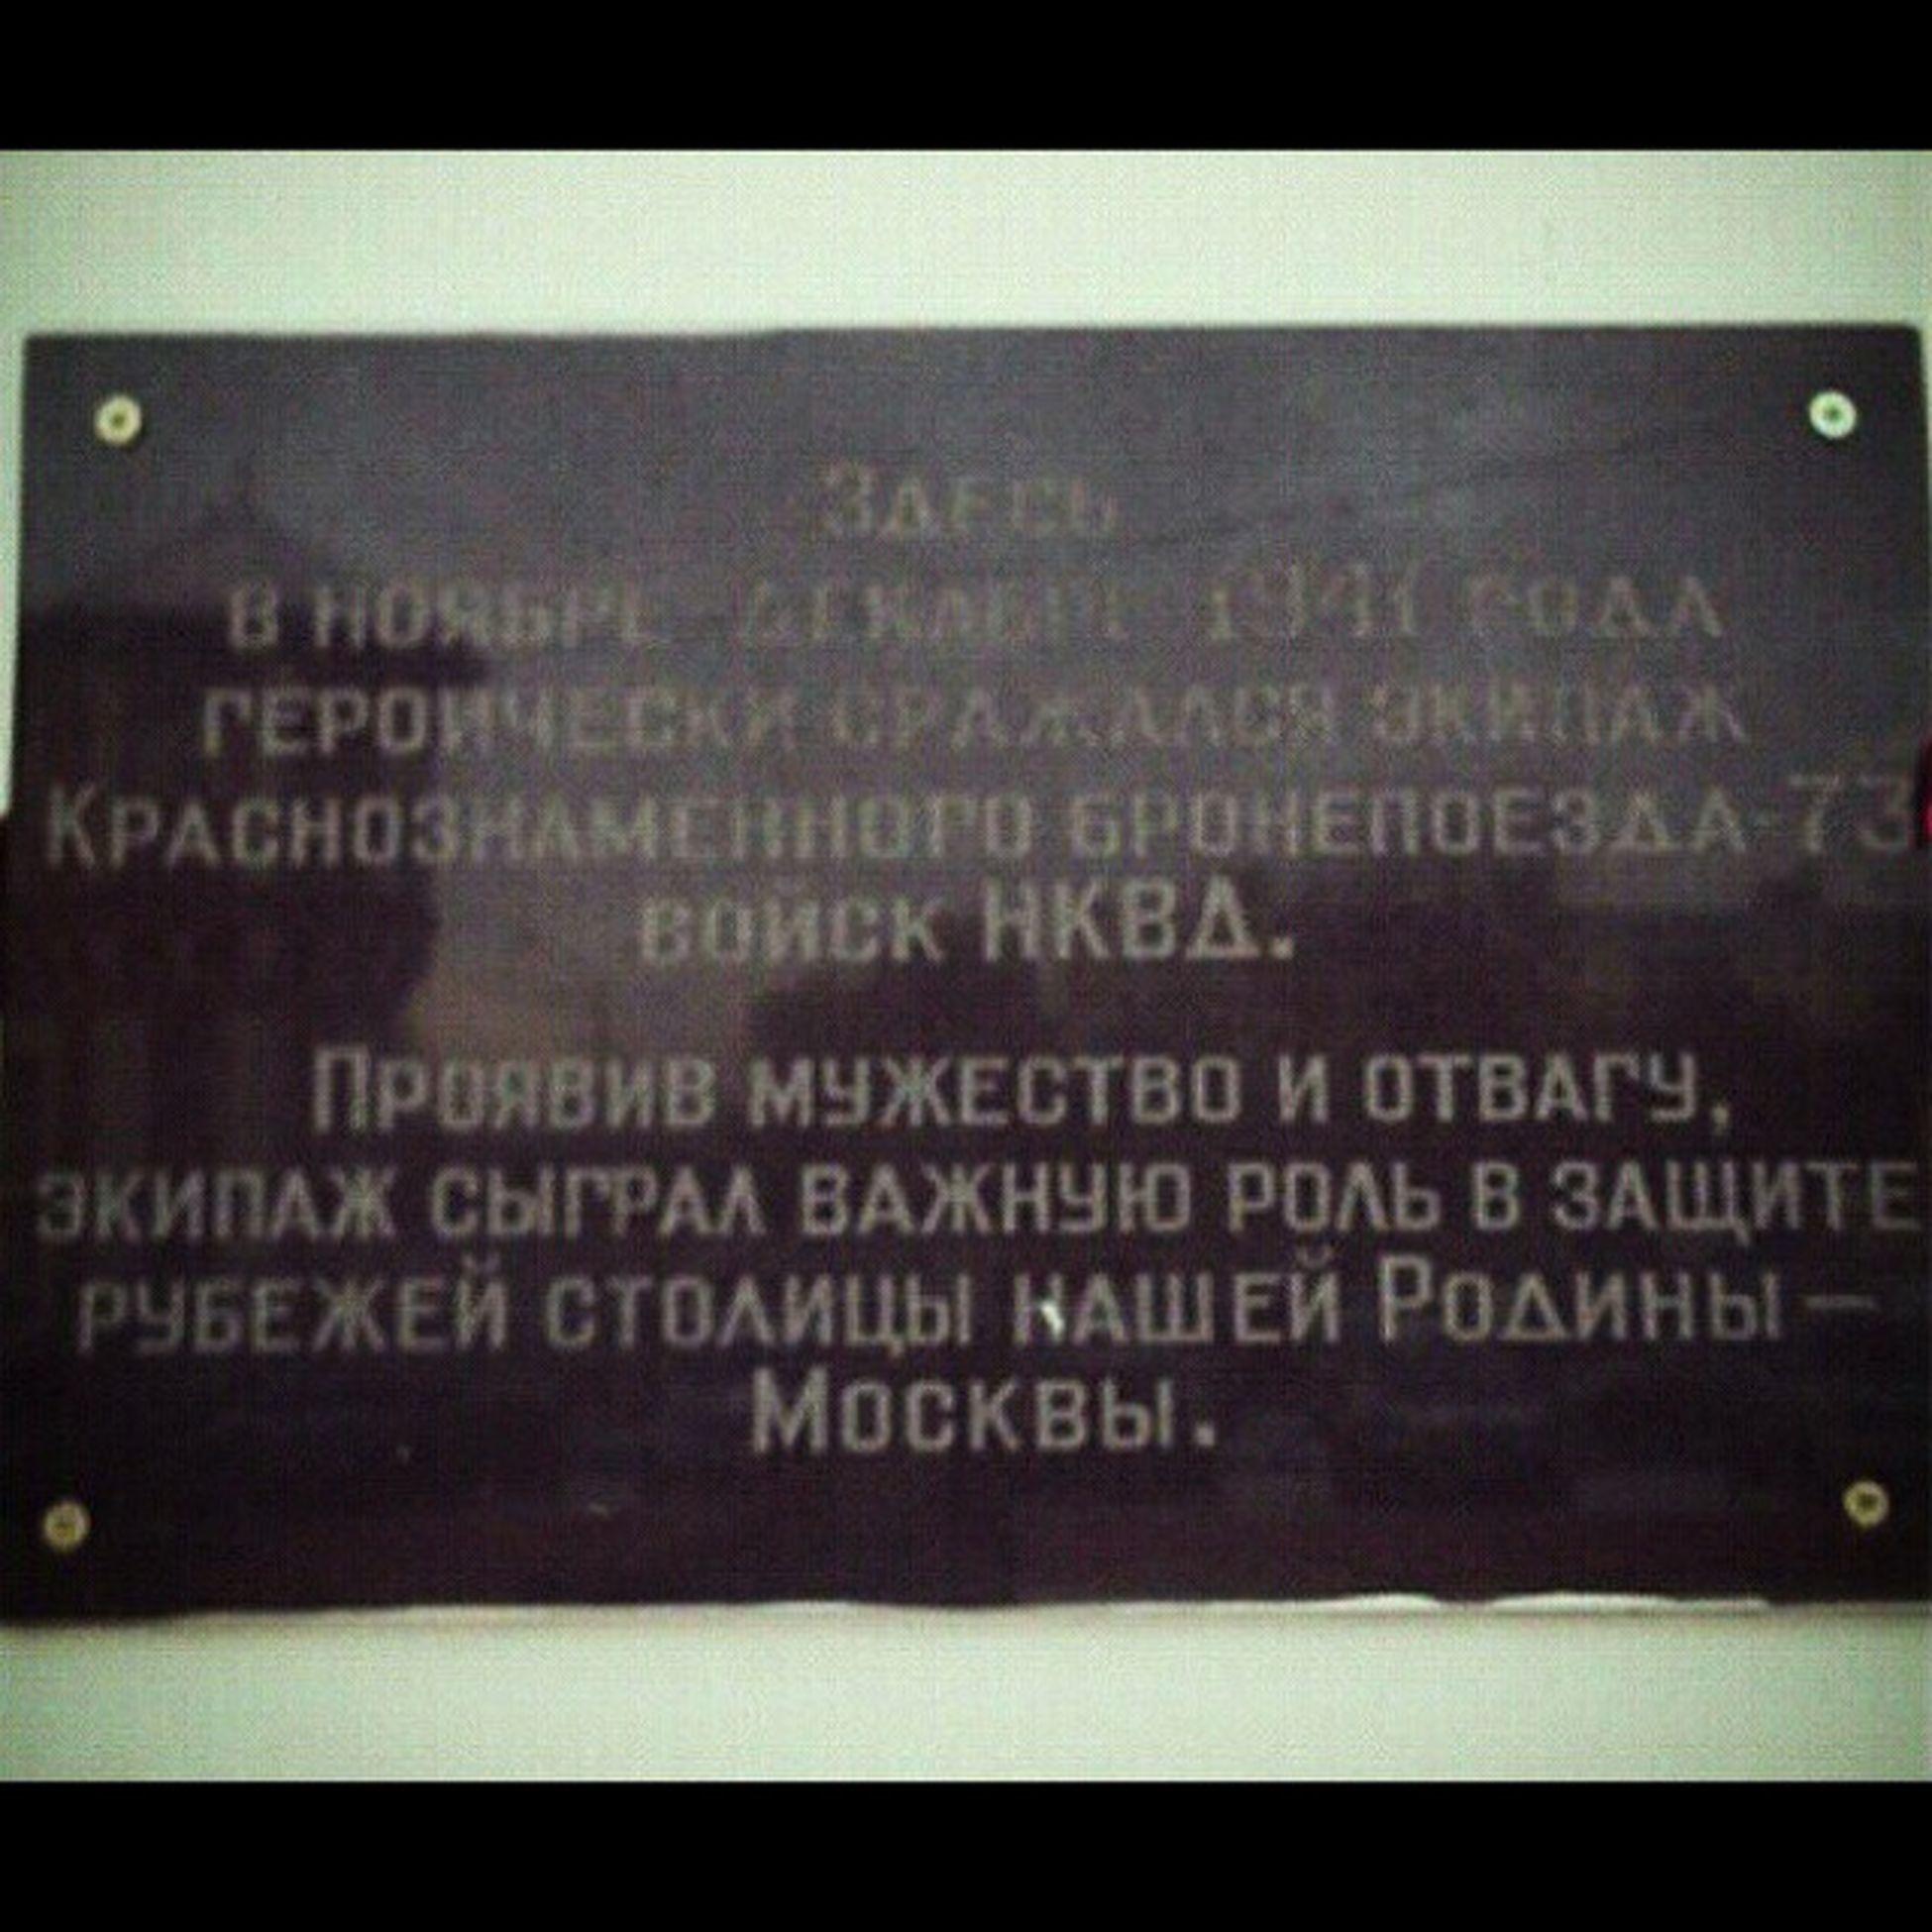 Squareinstapic ПамятнаяДоска МемориальнаяДоска ВокзалДмитров